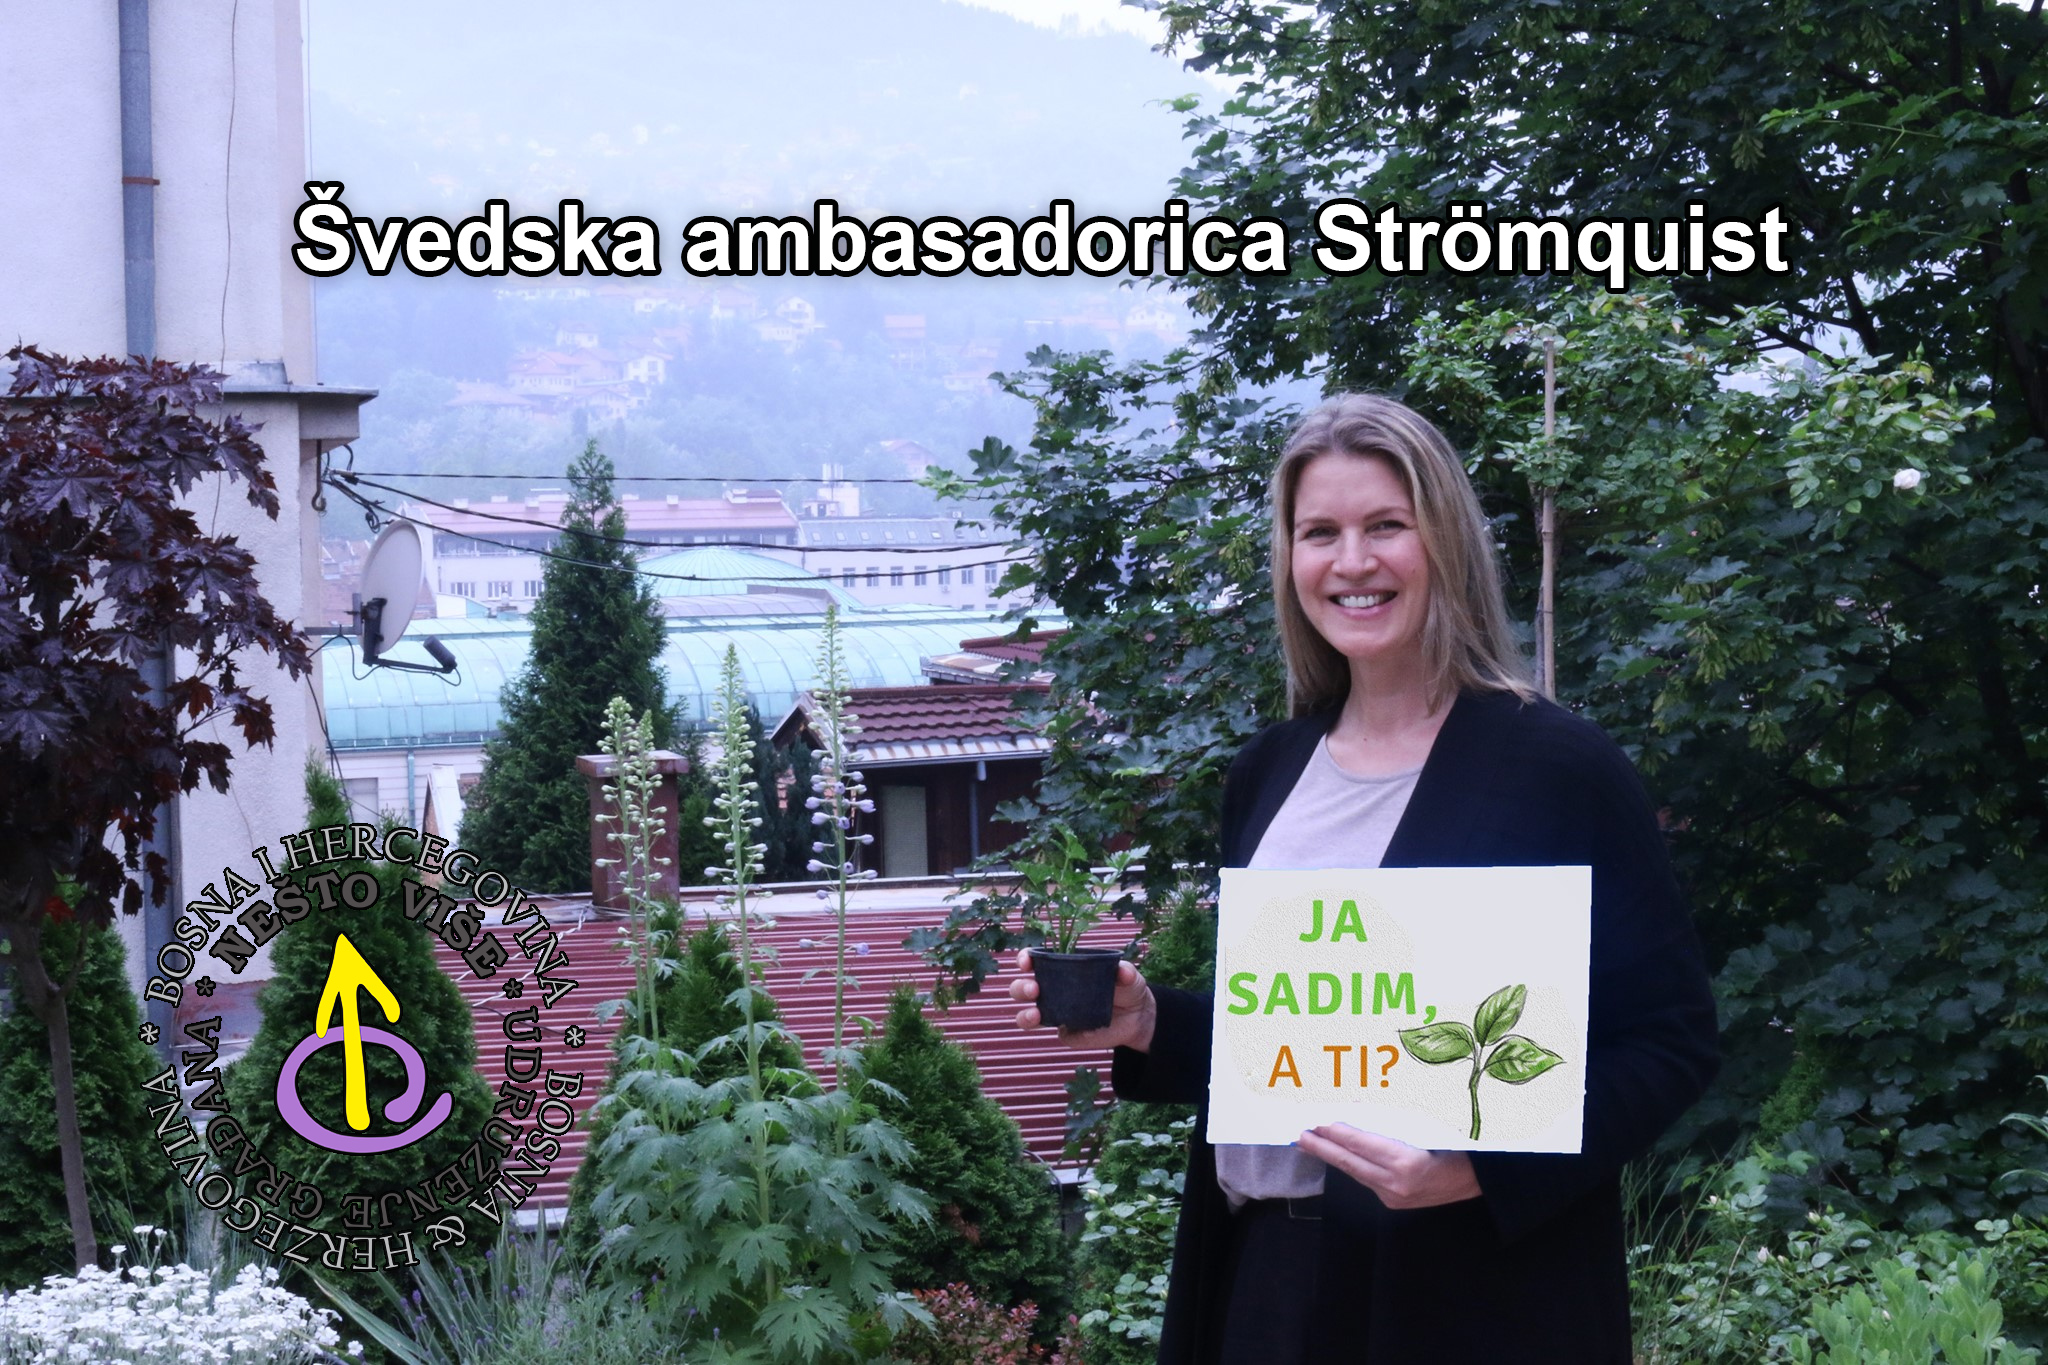 švedska ambasadorica Johanna Strömquist